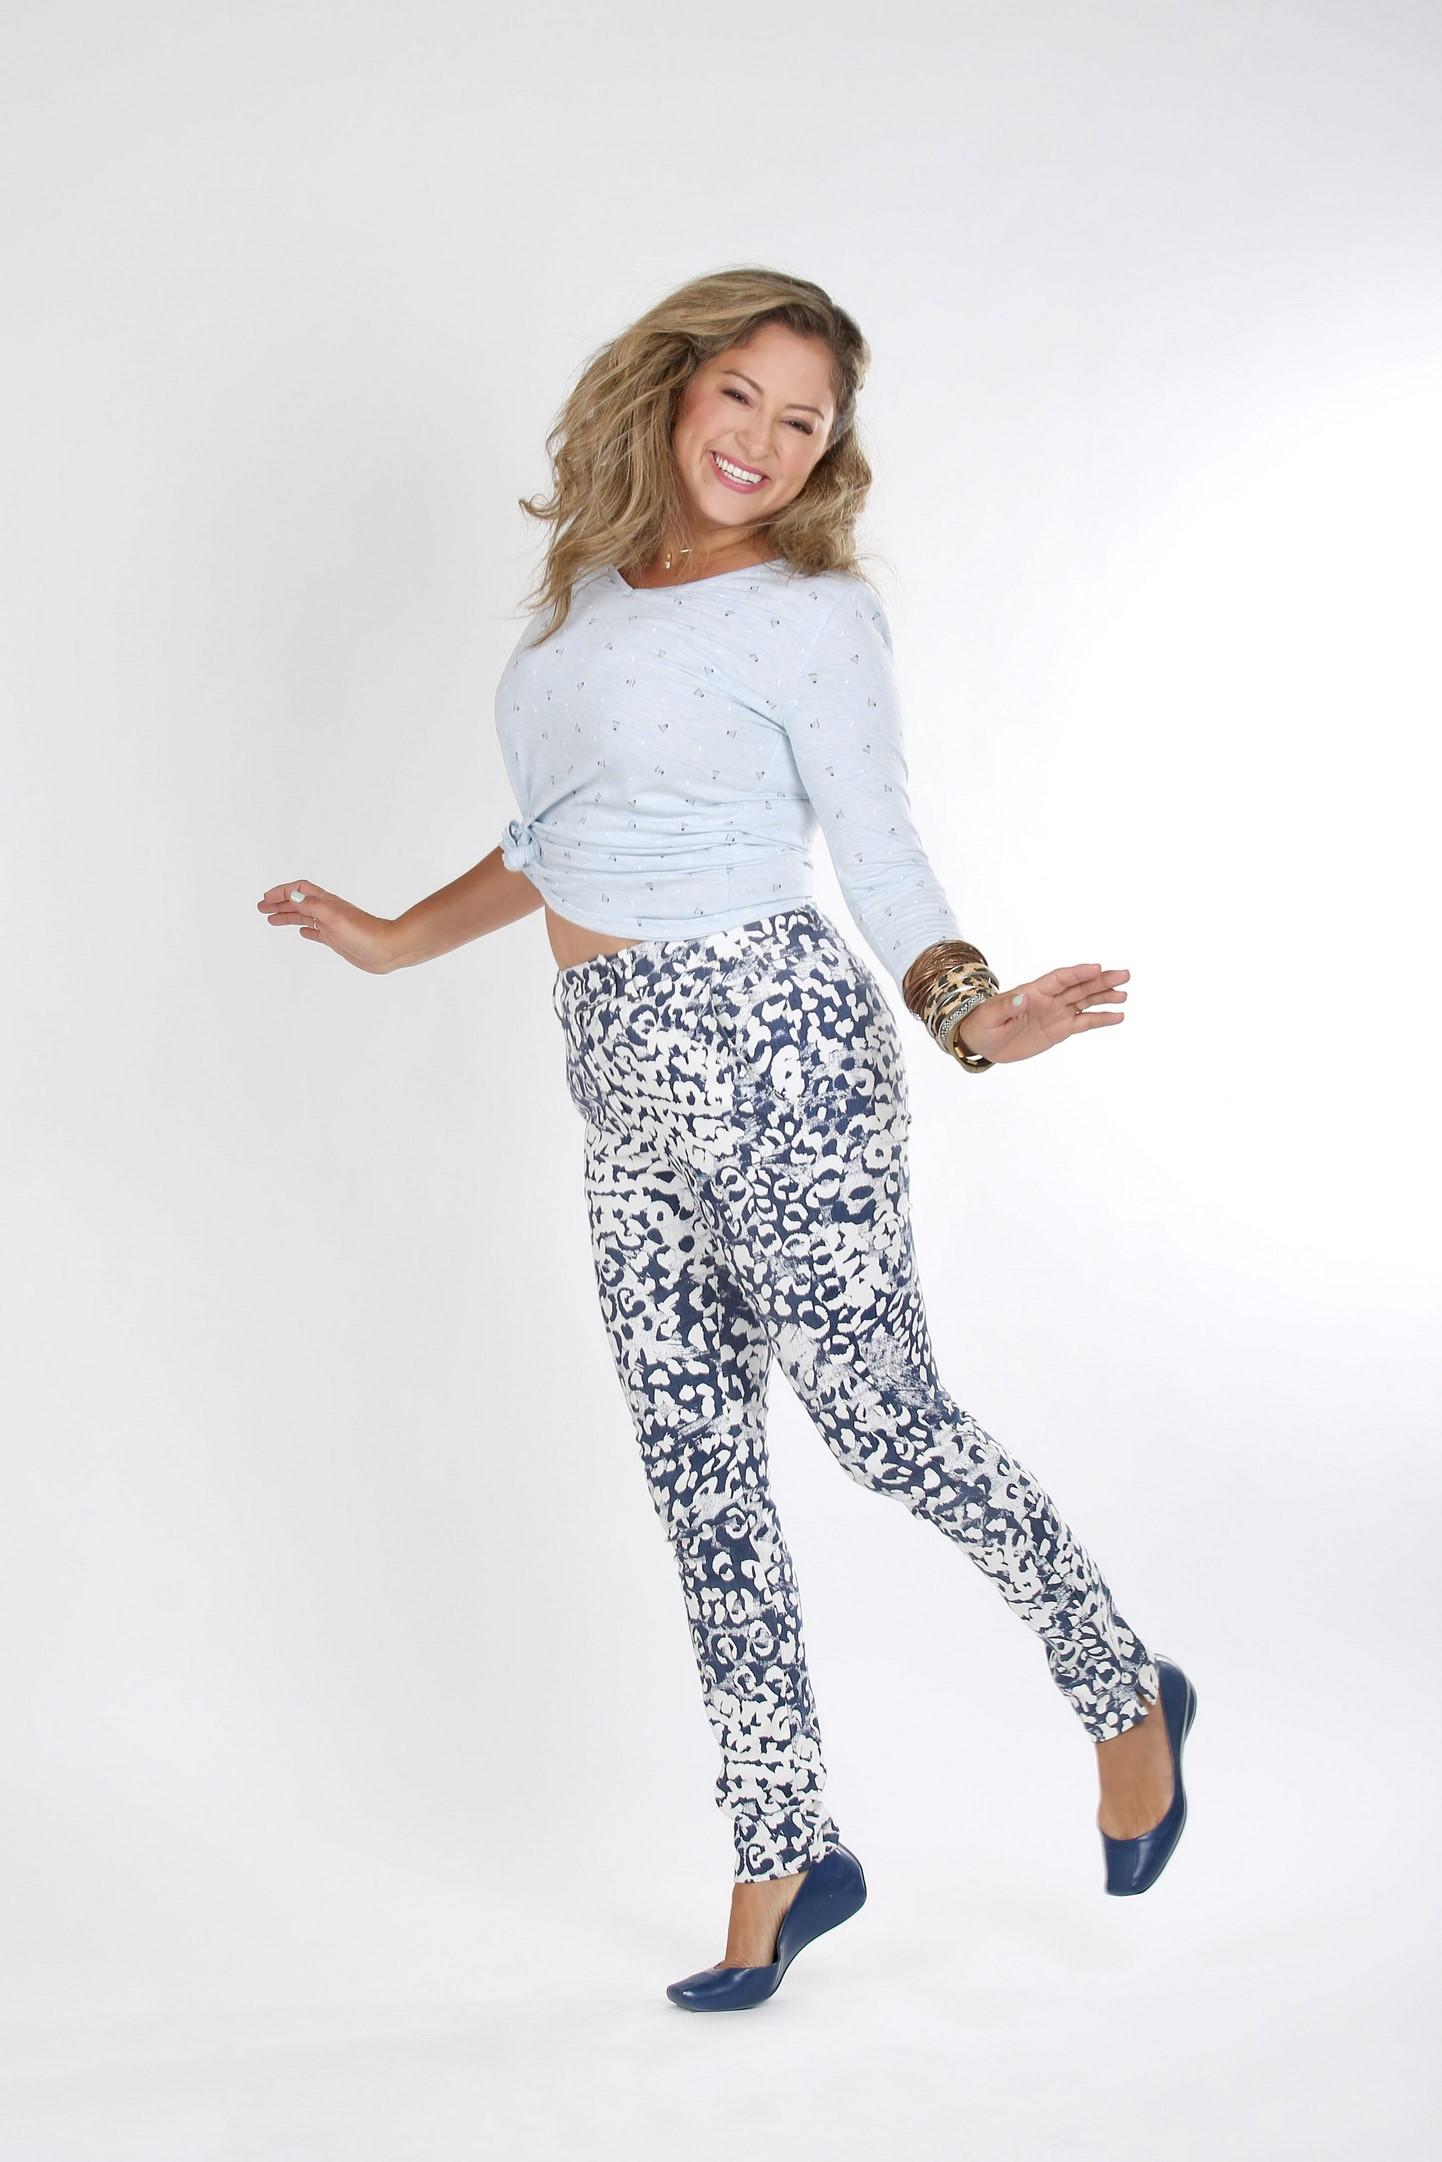 טליה חולצה 199 שח מכנסיים 389 שח צילום נעמי ים סוף (3) (Copy).JPG